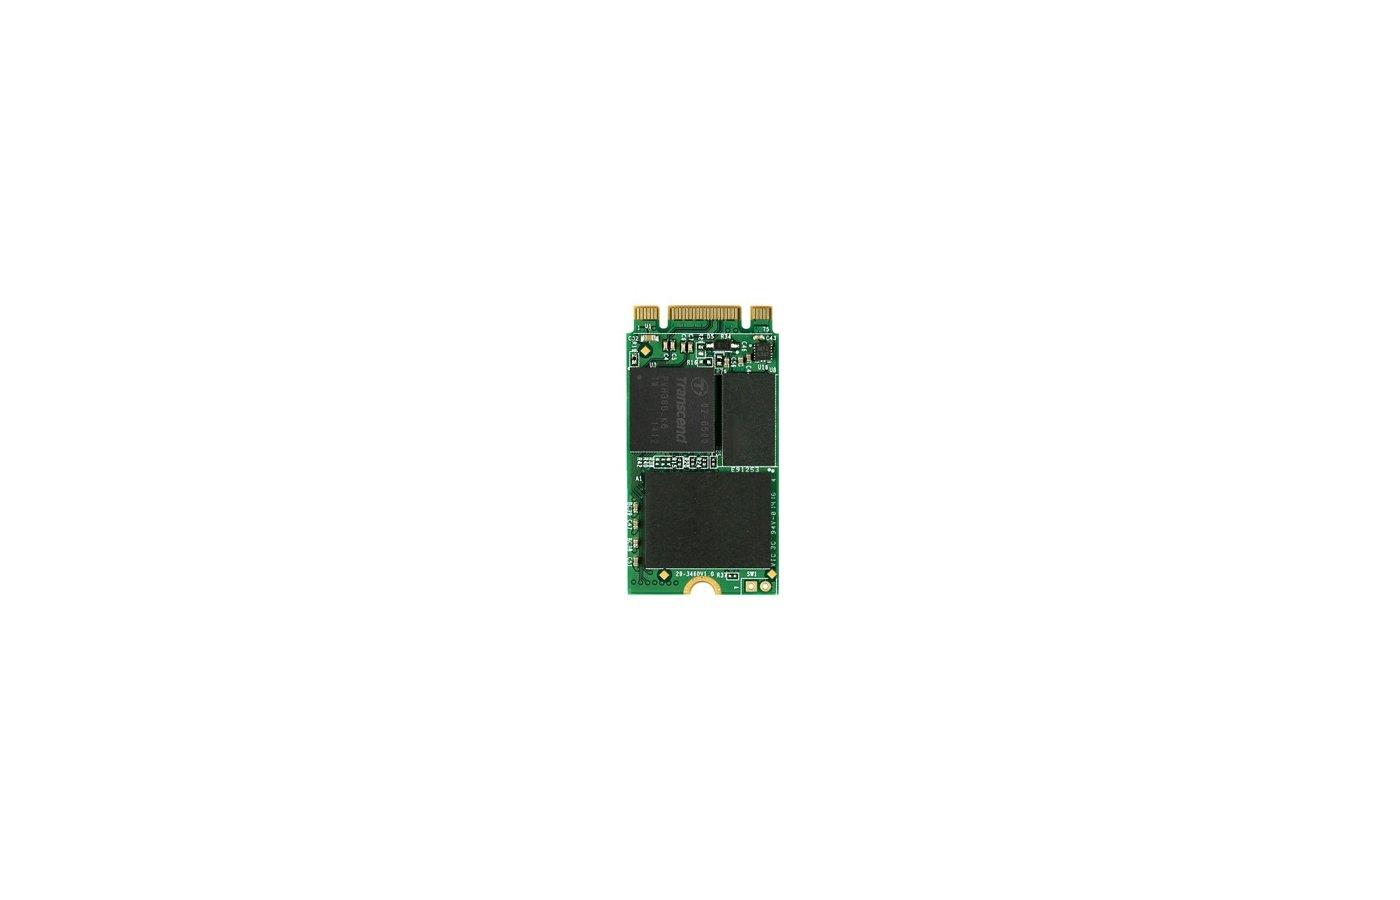 SSD жесткий диск Transcend 32GB M.2 SSD MTS 400 series (22x42mm) TS32GMTS400